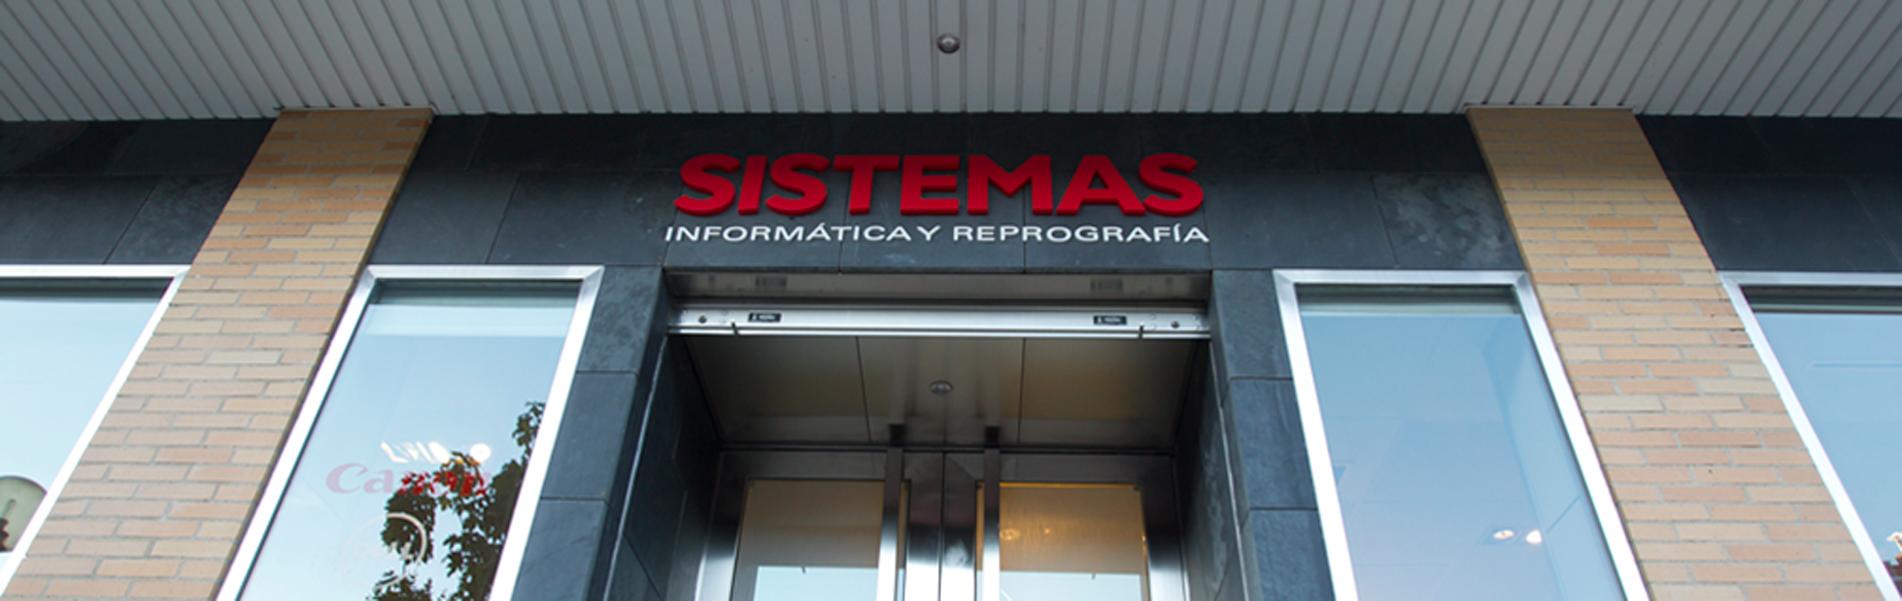 Sistemas Informatica